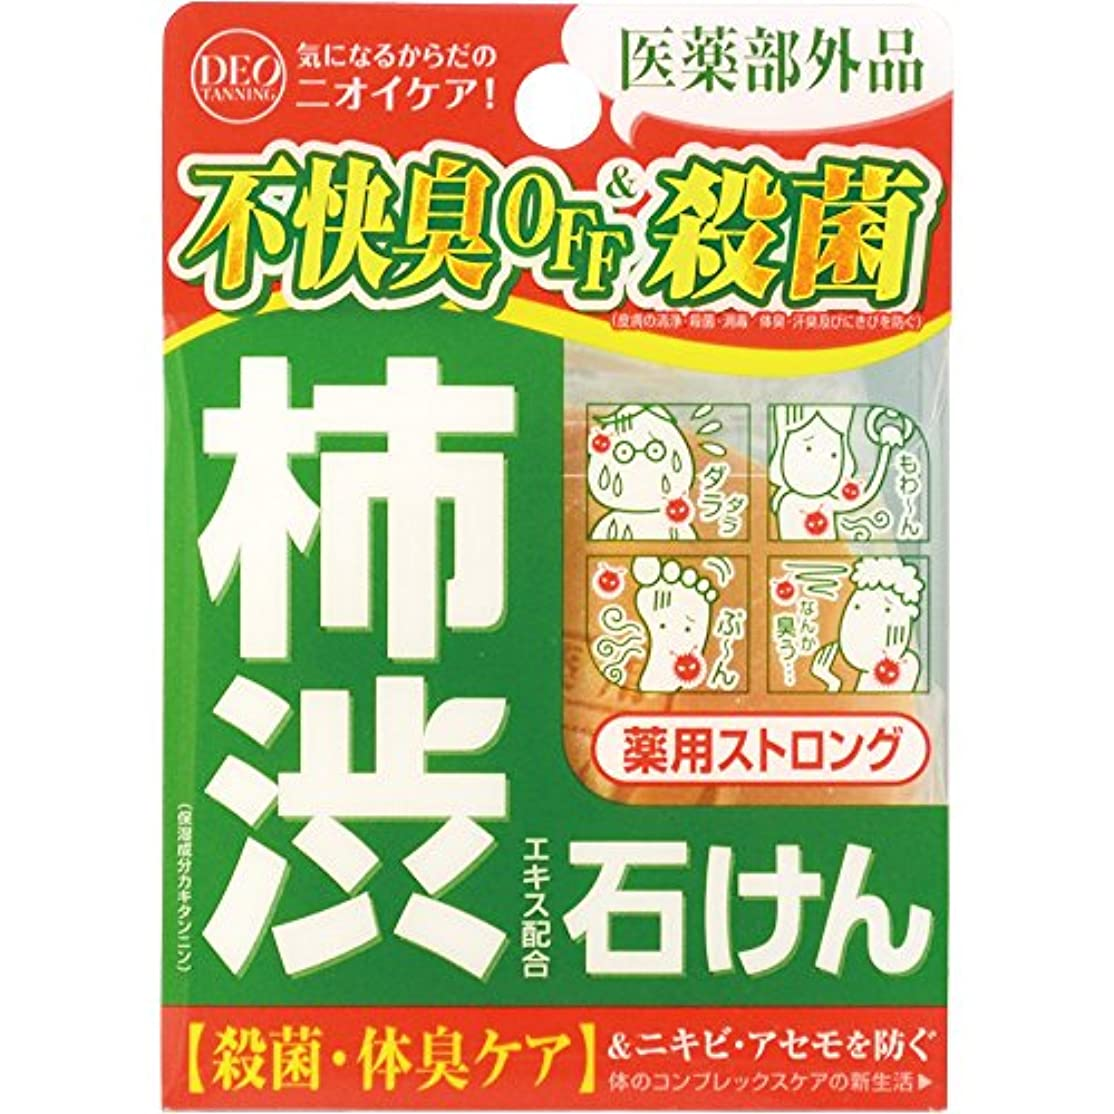 ドラマ木製前置詞デオタンニング 薬用ストロング ソープ 100g (医薬部外品)